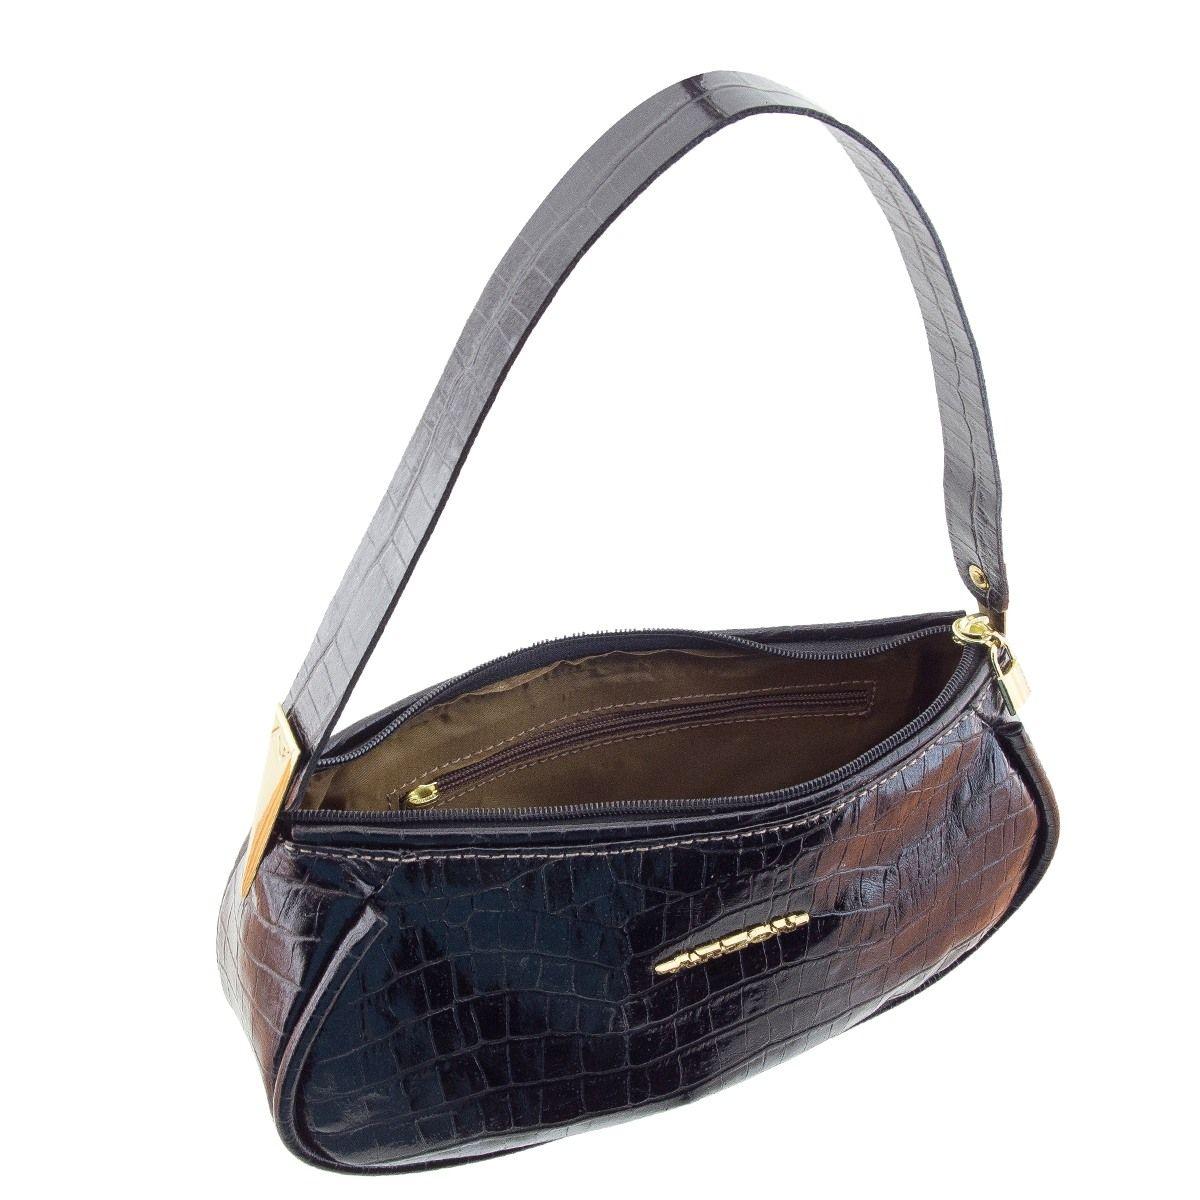 Bolsa De Ombro Masculina Couro : Bolsa tiracolo com pregas dourada